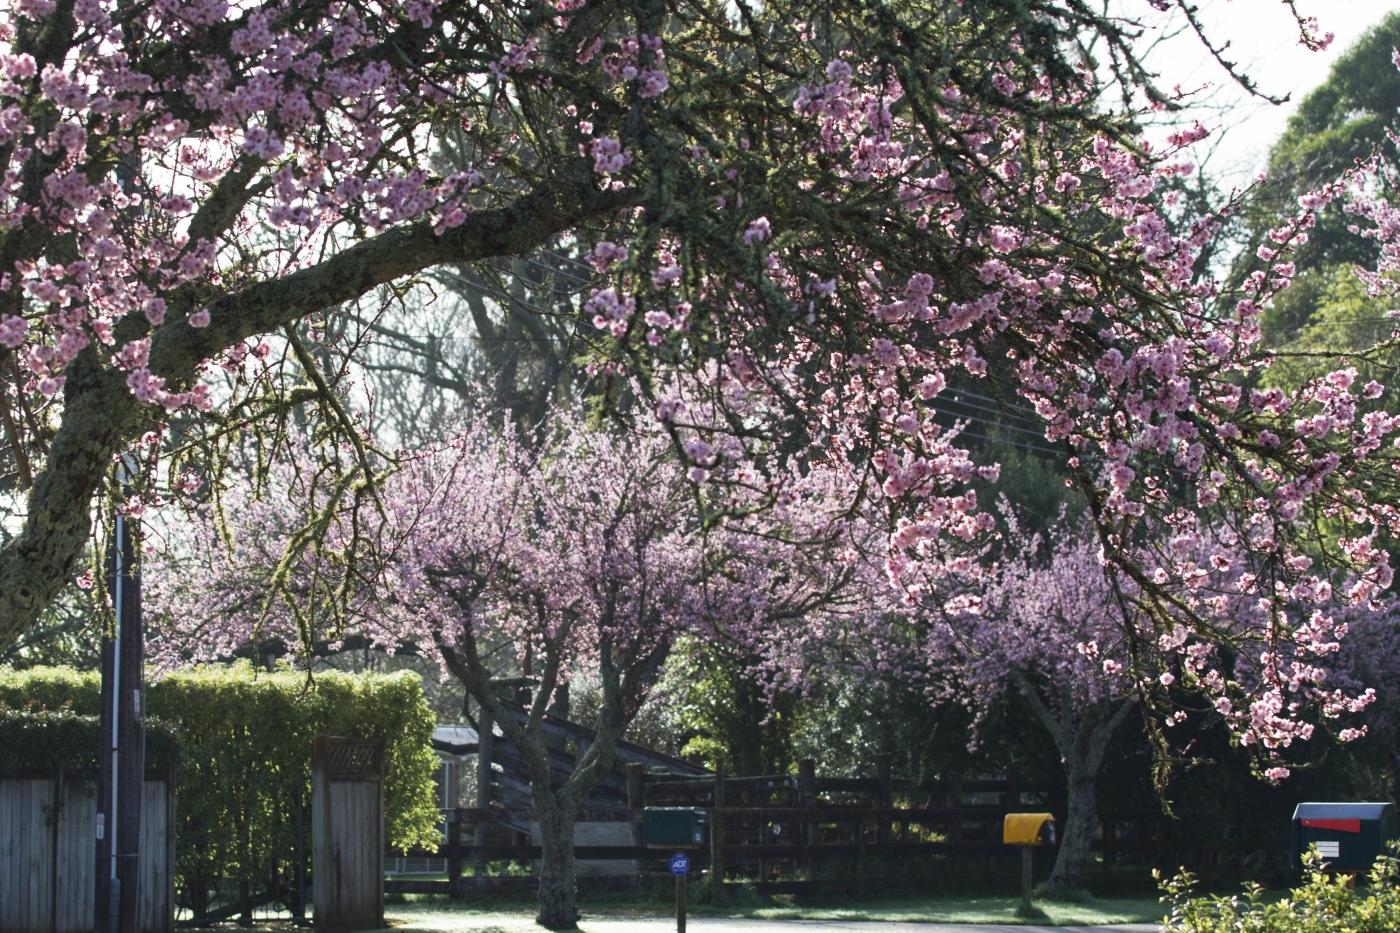 Closer detail of Blossom